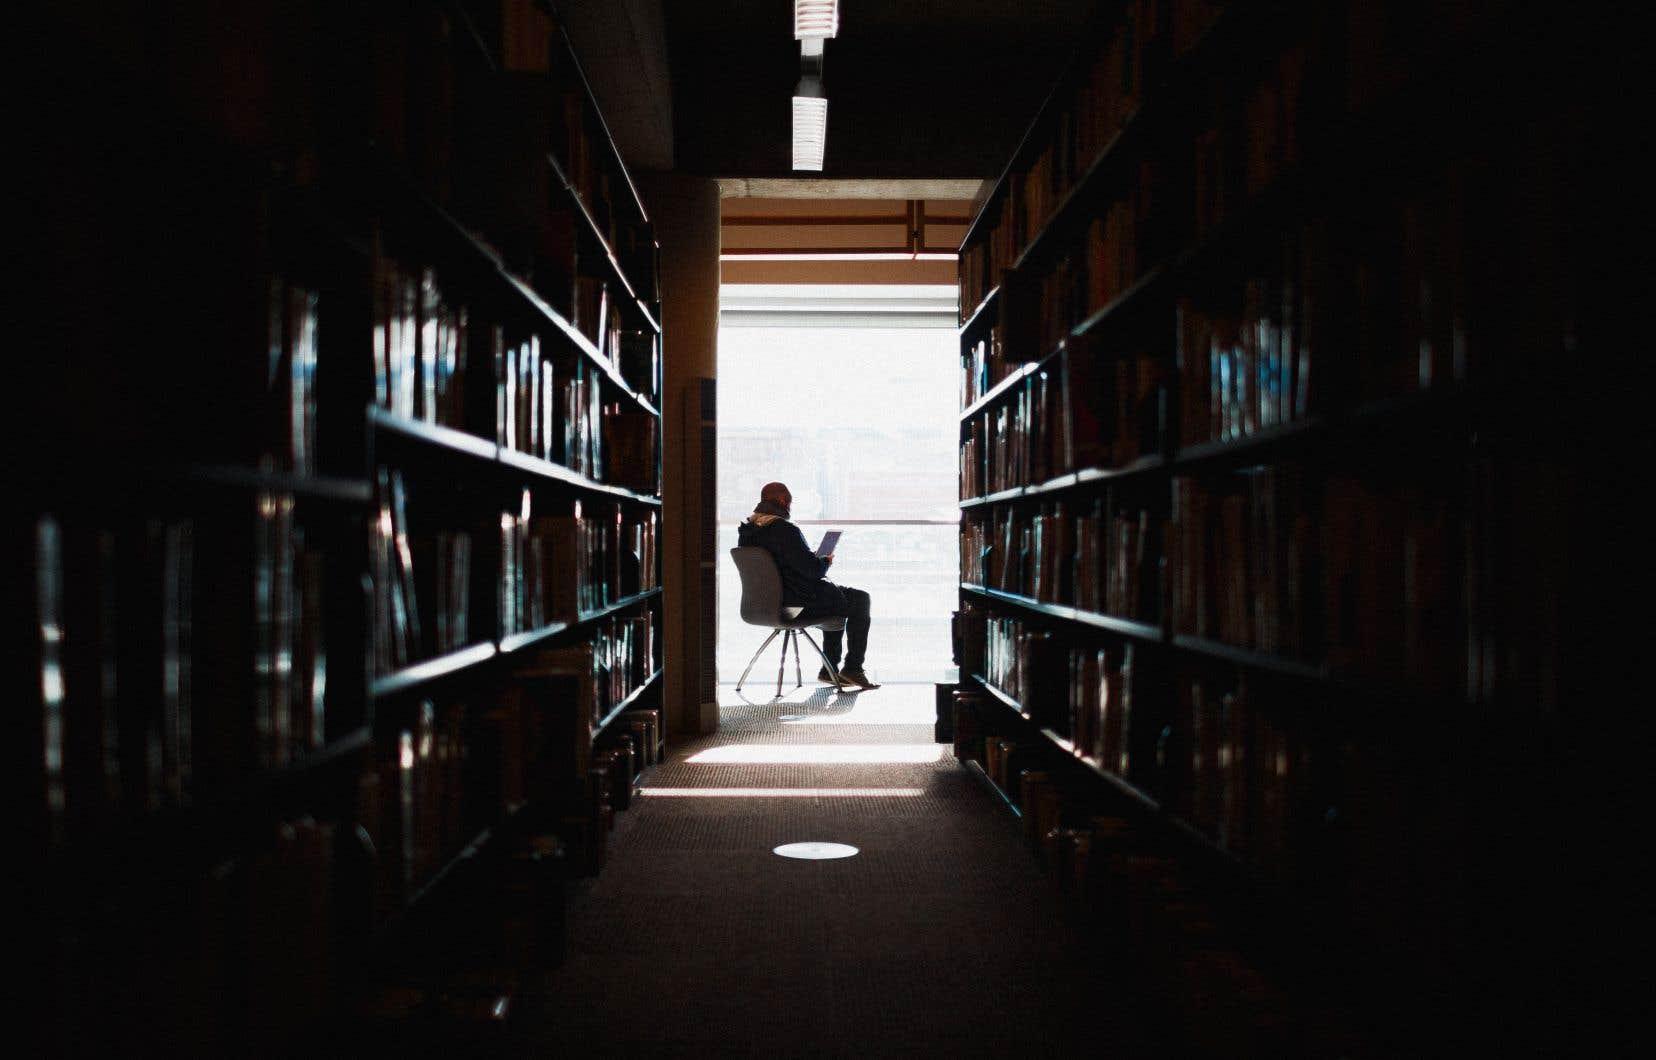 Seulement à BAnQ, qui offre aussi des livrels en passant par d'autres agrégateurs, 1 042 155 emprunts ont été faits en 2017-2018. Une popularité qui n'a rien à voir avec les ventes de livrels en librairie, qui, elles, demeurent anecdotiques.